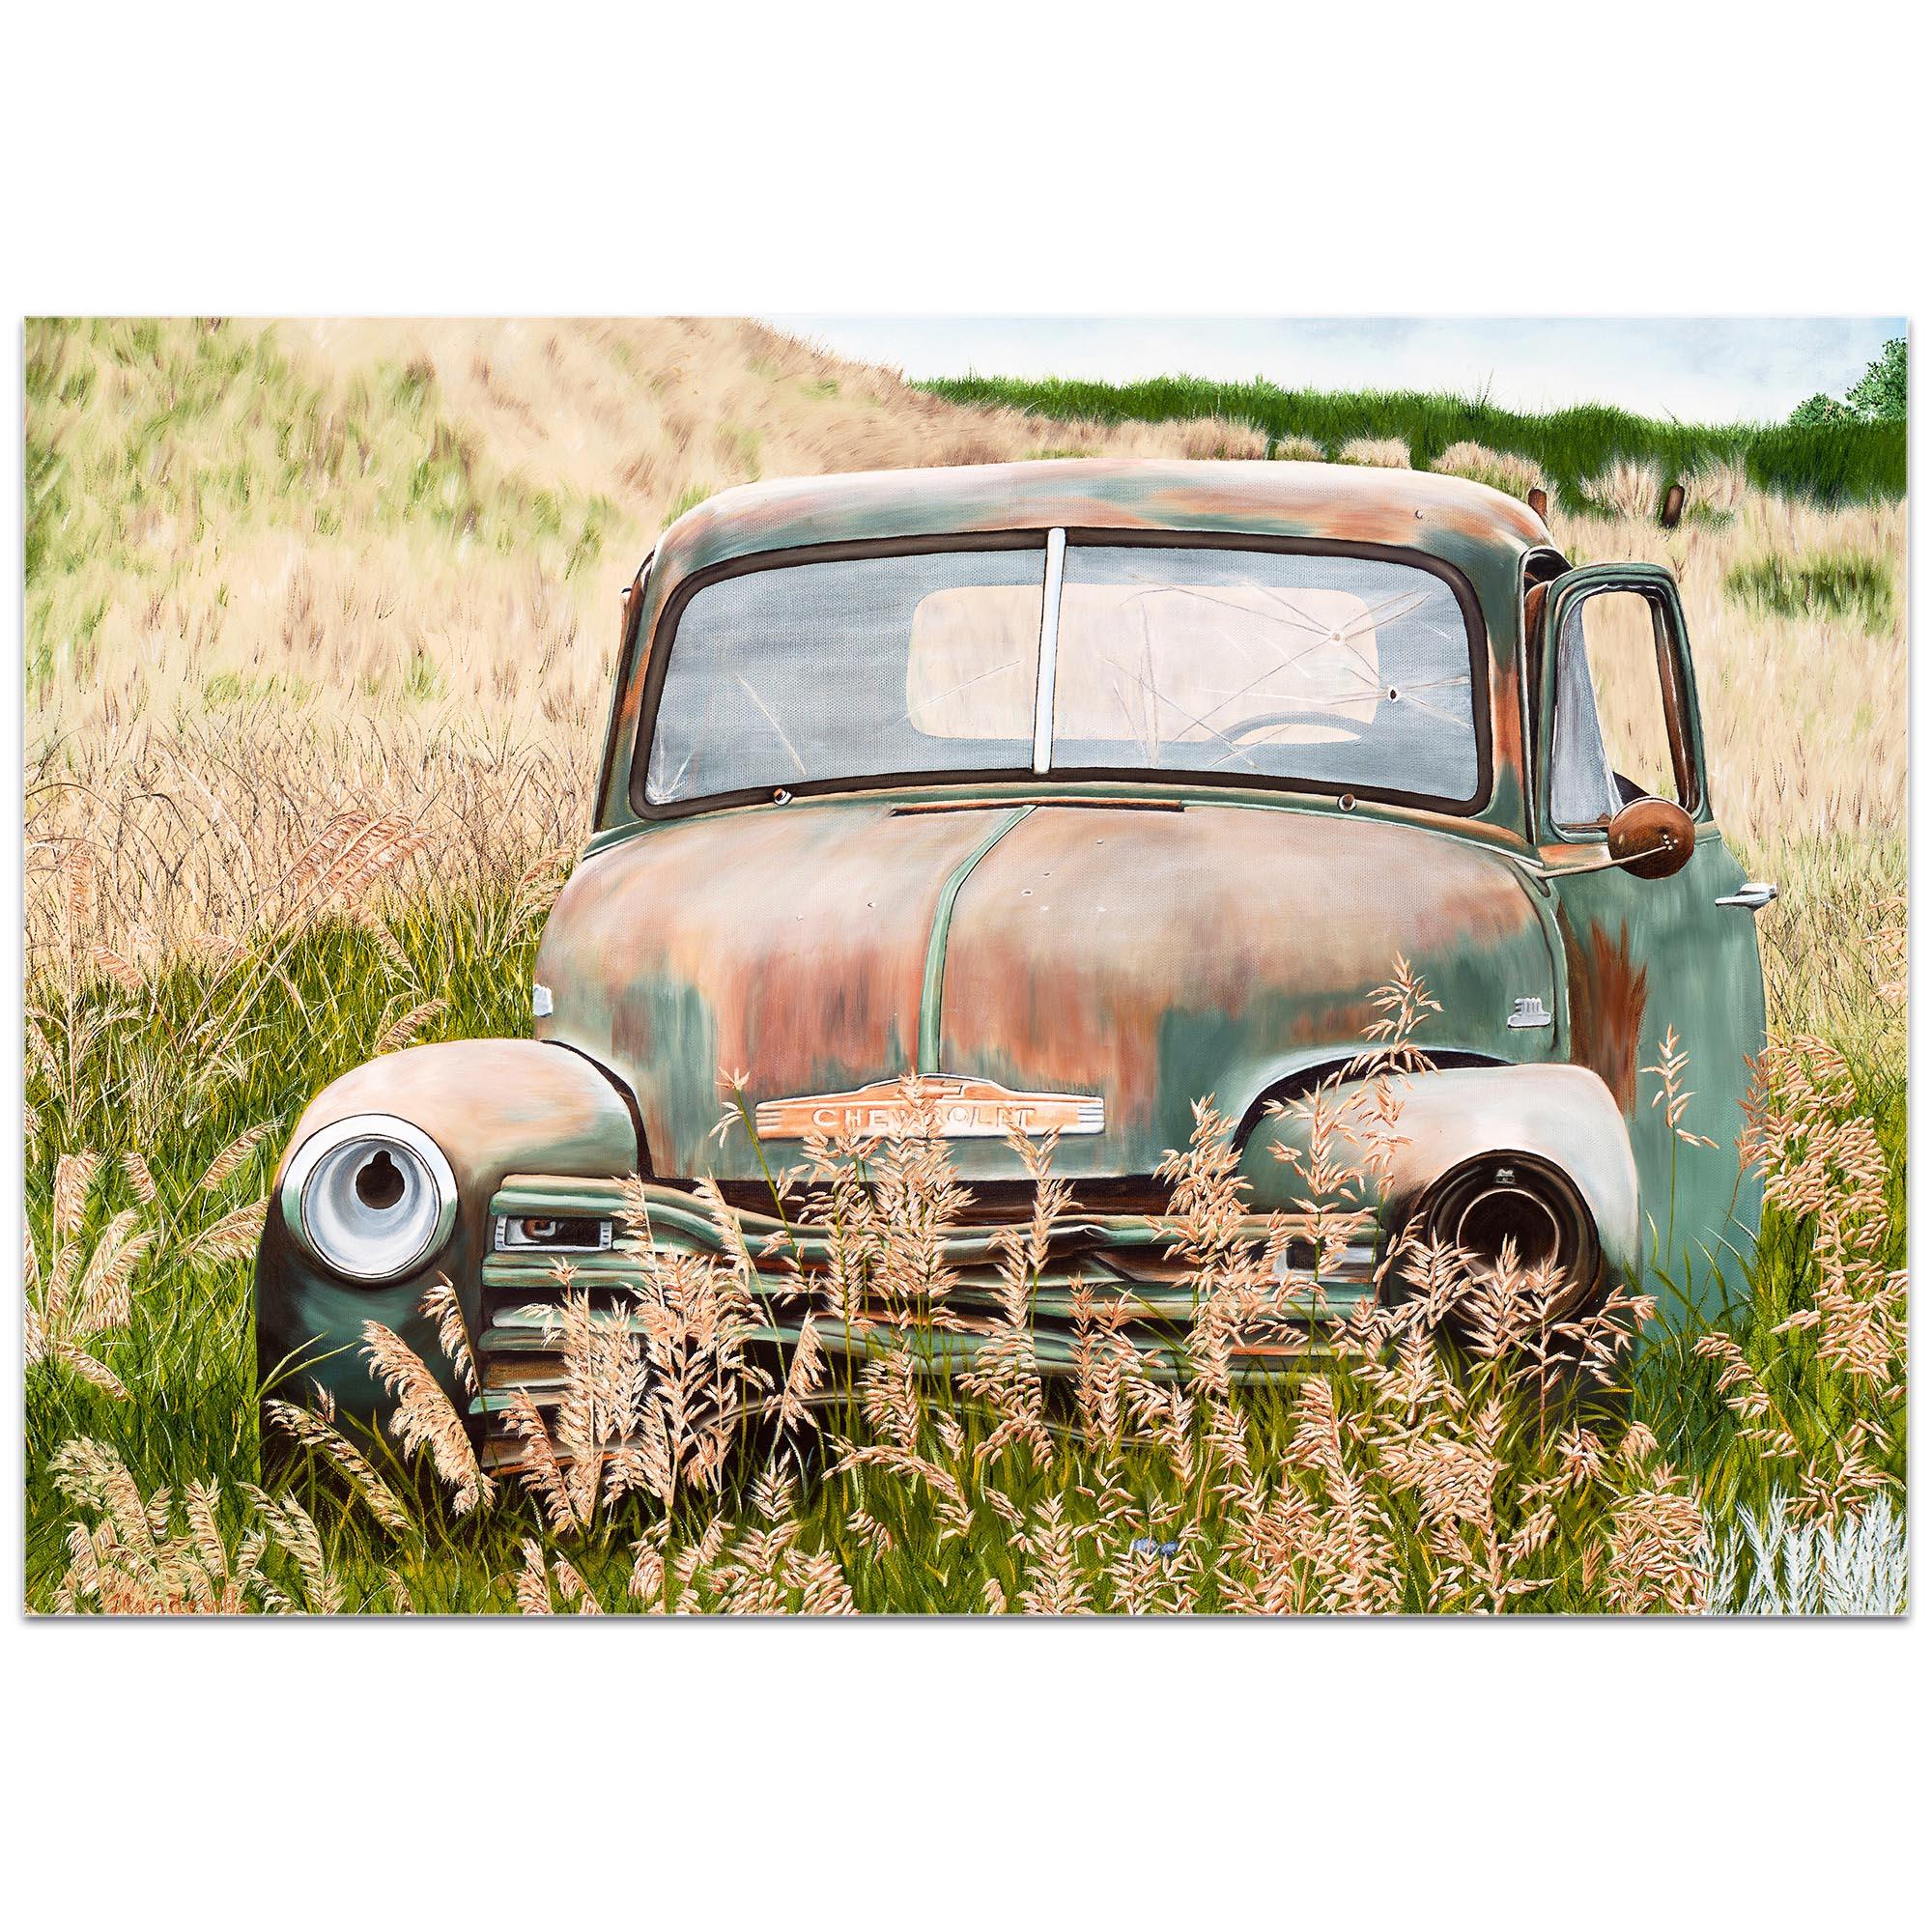 Americana Wall Art 'Franky's Truck' - Classic Trucks Decor on Metal or Plexiglass - Image 2